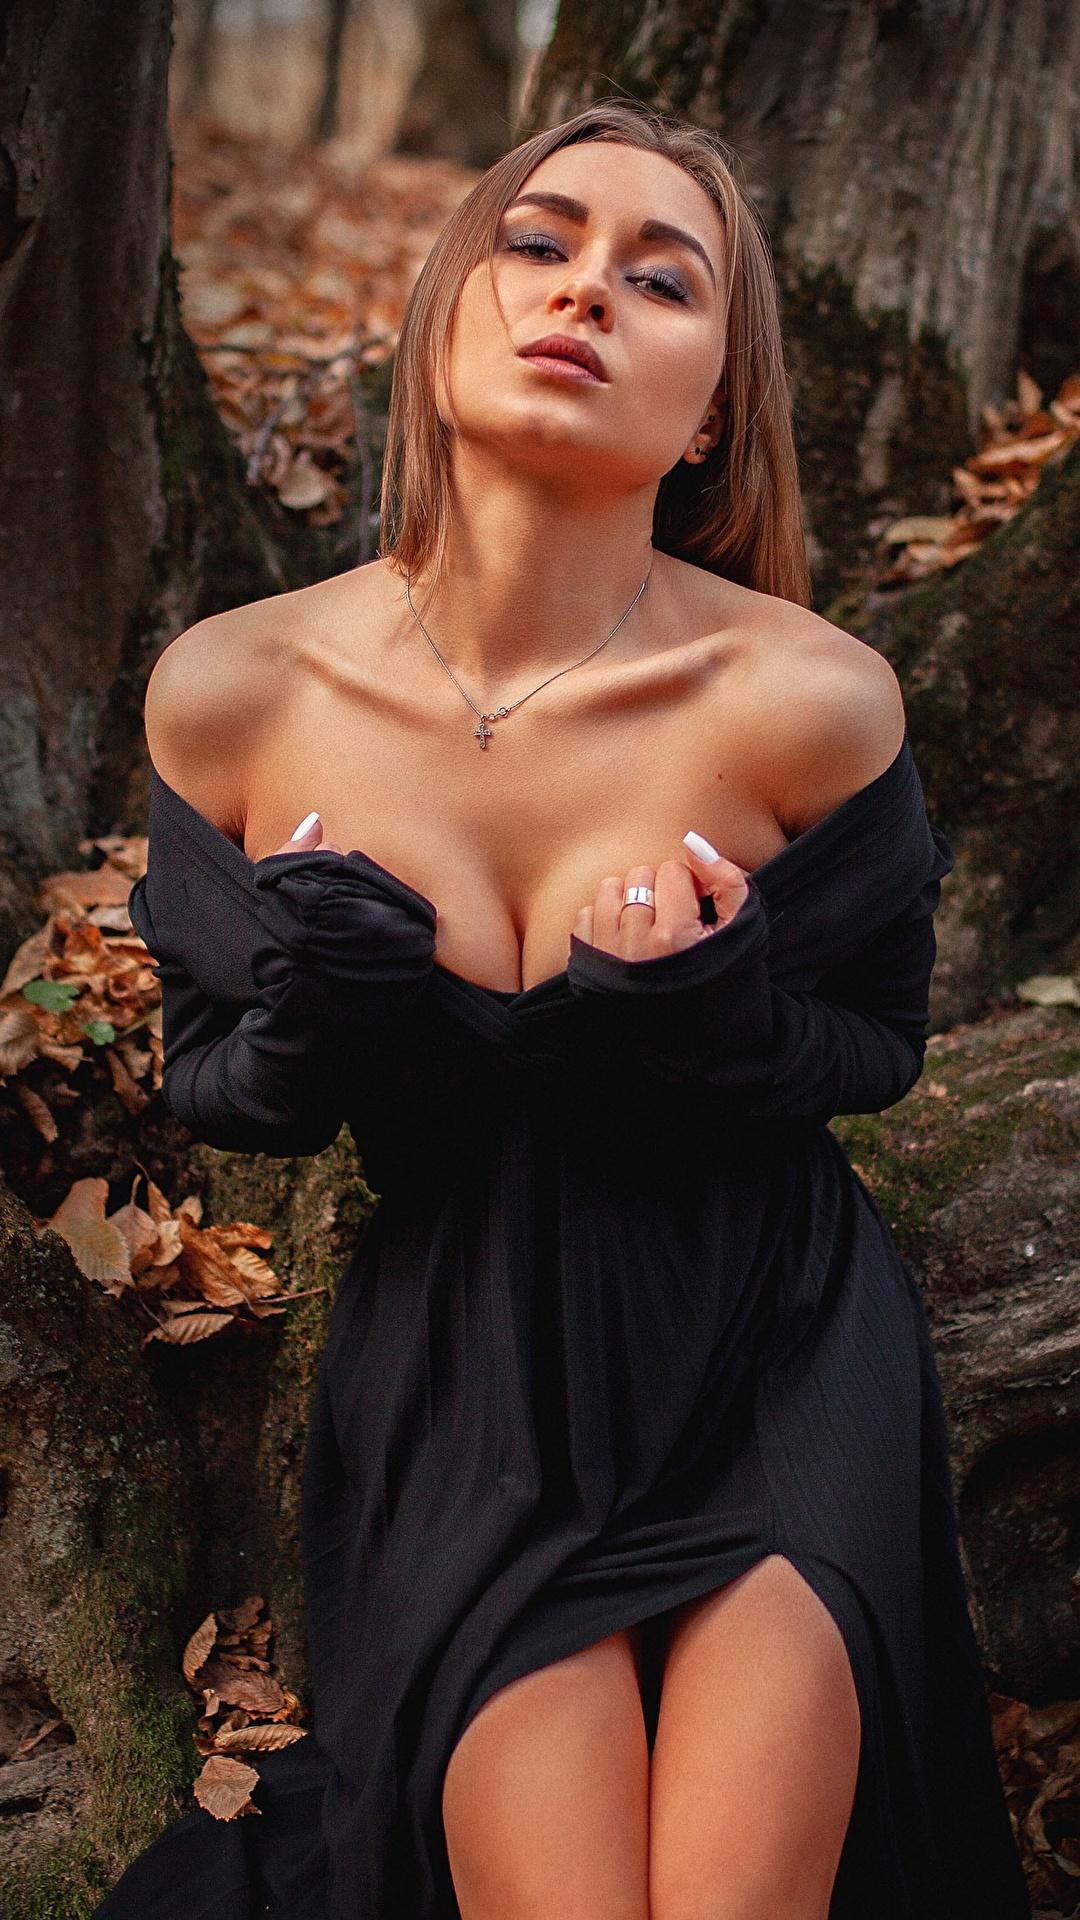 Фотографии Шатенка Aleksei Iurev позирует вырез на платье молодая женщина Руки платья 1080x1920 для мобильного телефона шатенки Поза Декольте девушка Девушки молодые женщины рука Платье